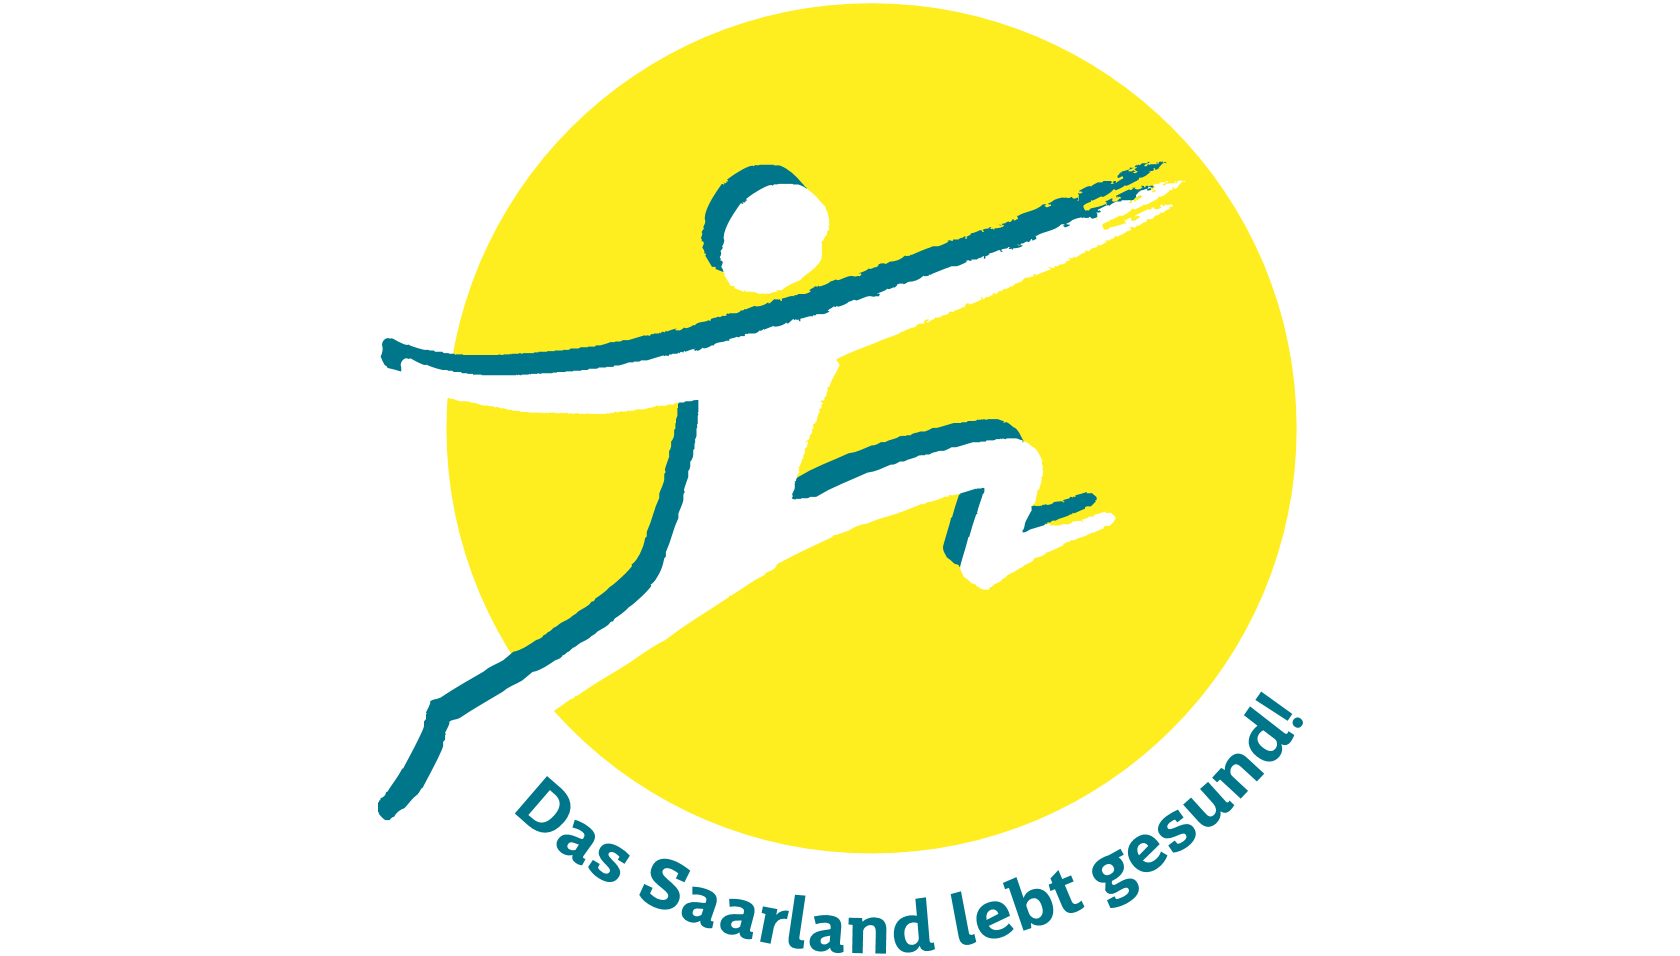 Logo von Das Saarland lebt gesund!